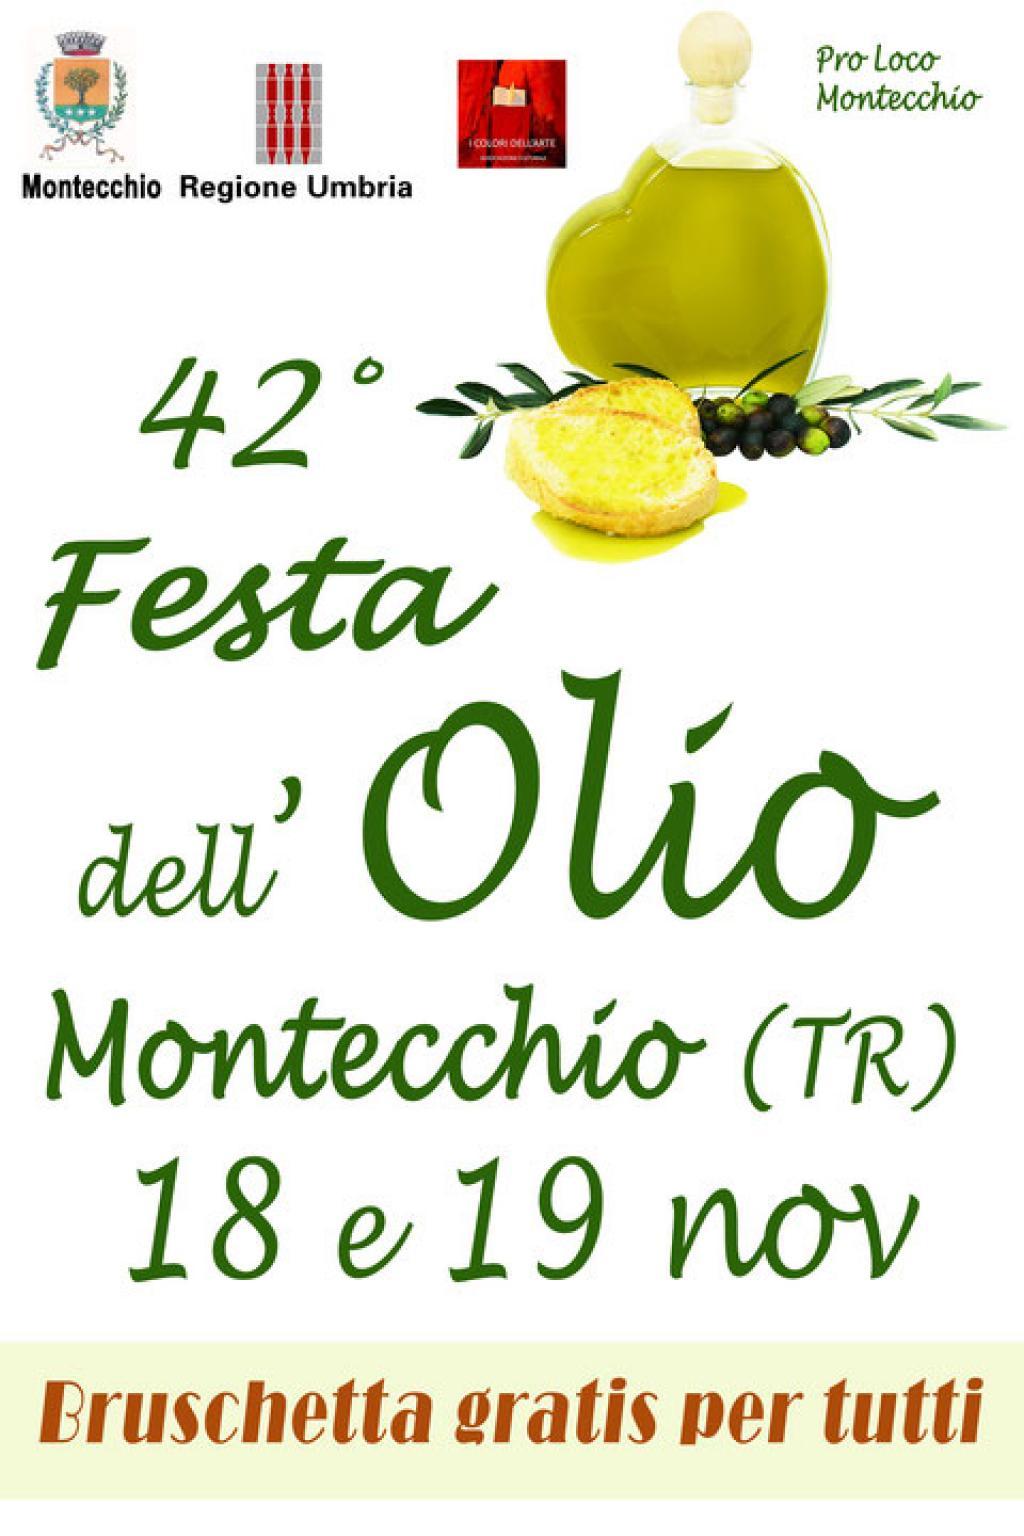 42° Festa dell'Olio Montecchio